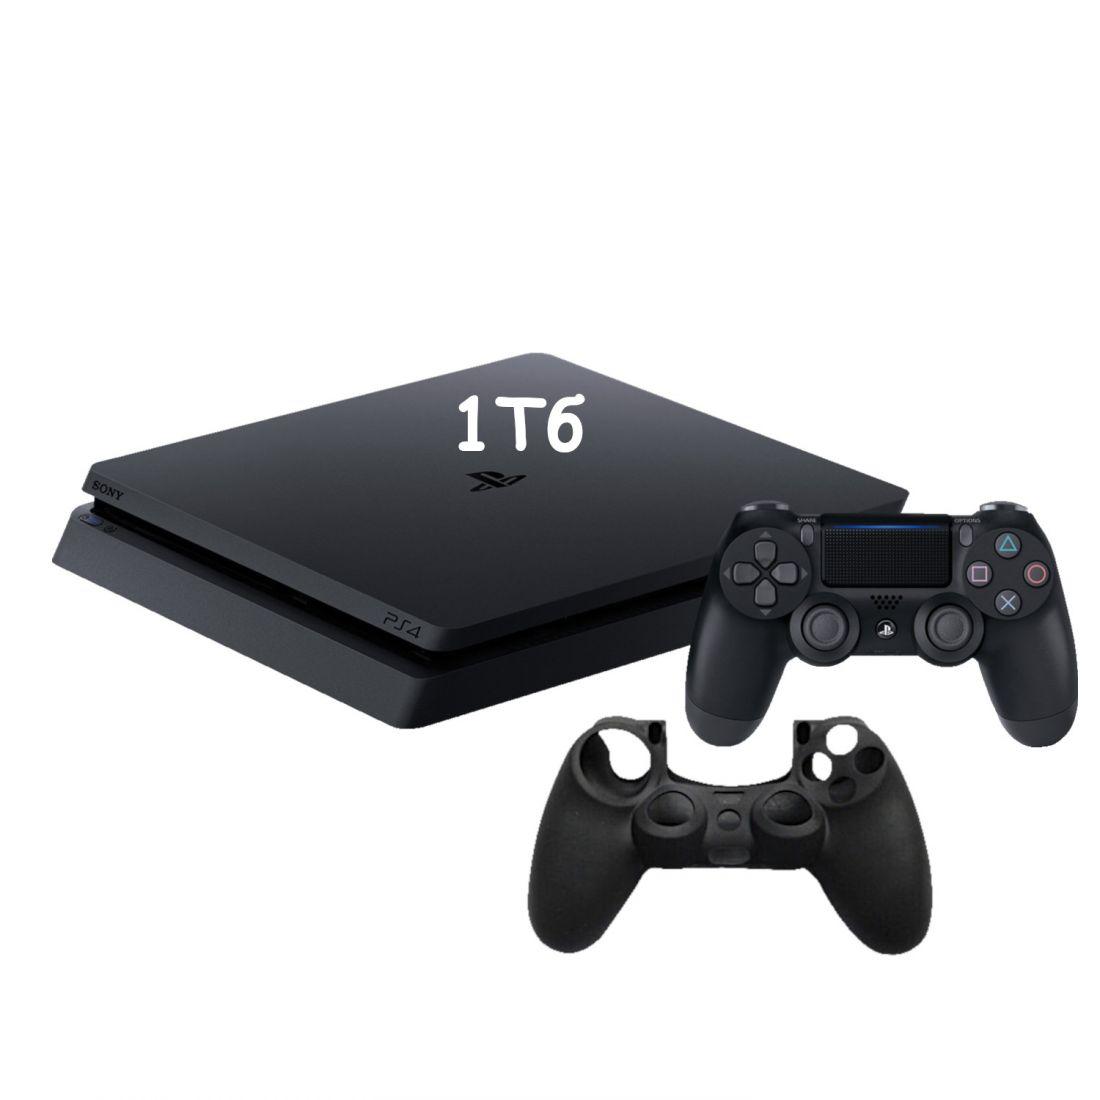 Sony PlayStation 4 Slim 1 Тб + Защитны силиконовый чехол для джойстика